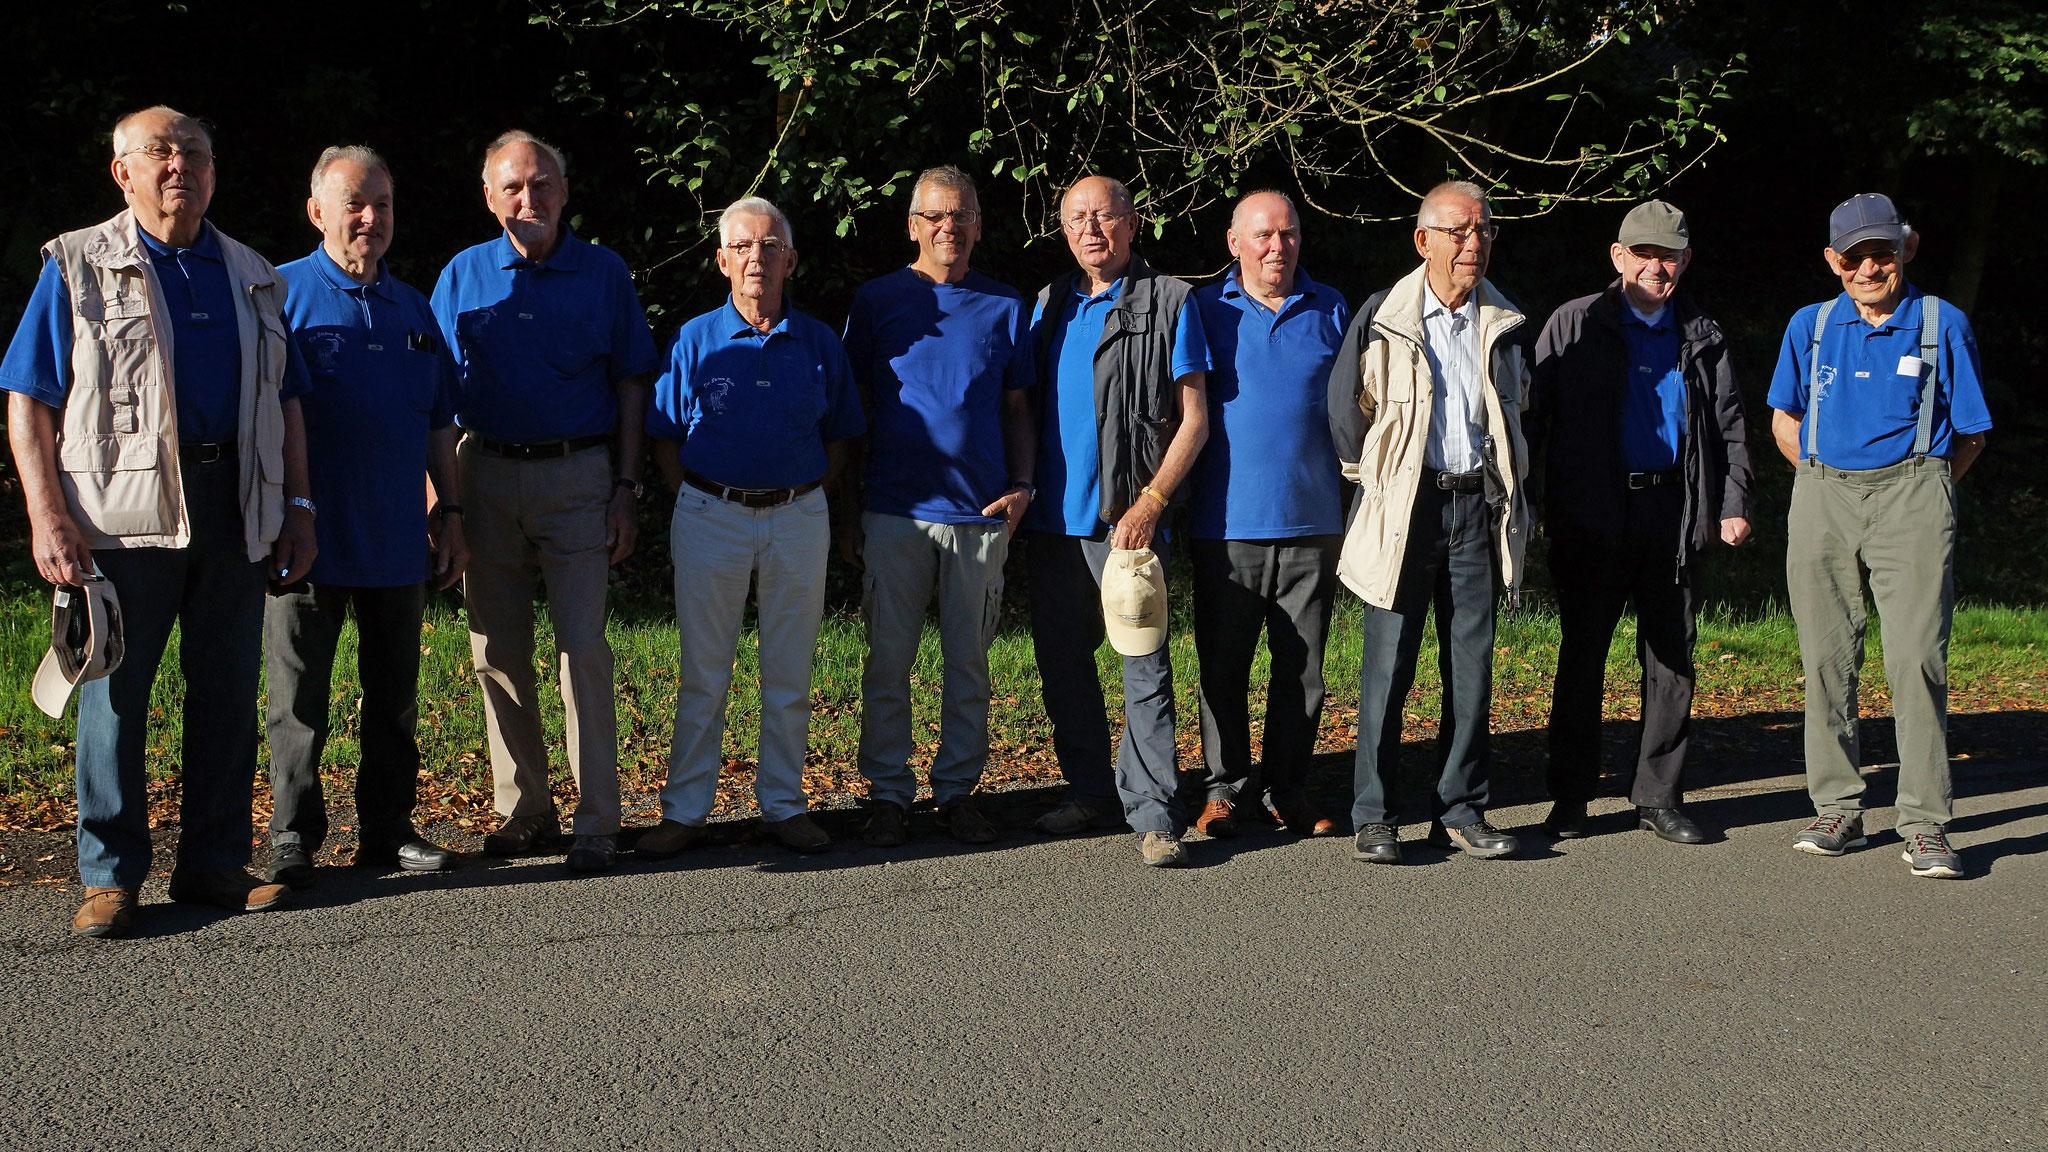 Foto an der Sporthalle vor Abfahrt an die Lahn (24.08.2016) v.l. H. Kaufmann, K-H. Schmidt, H. Wacker, G. WEnzel, B. Wörner, D. Heuer, L. Maiworm, G. Schöber, K-H. Kaufmann, H. Engel